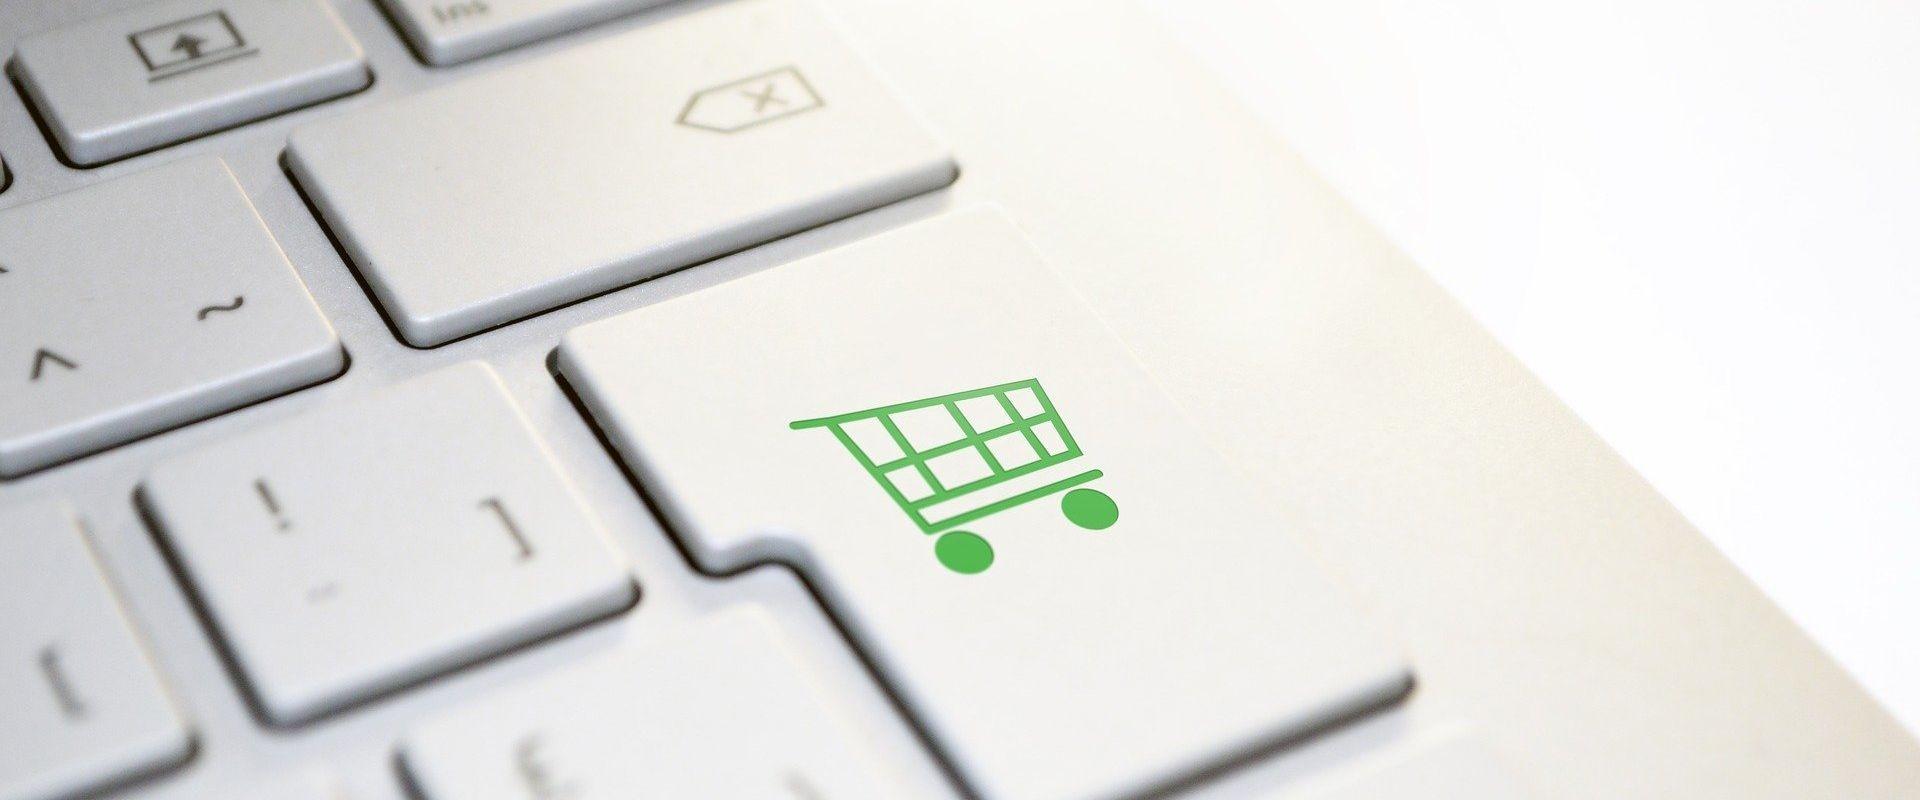 Pandemia zachęca do zakupów w Internecie. Warto zadbać, aby były bezpieczne